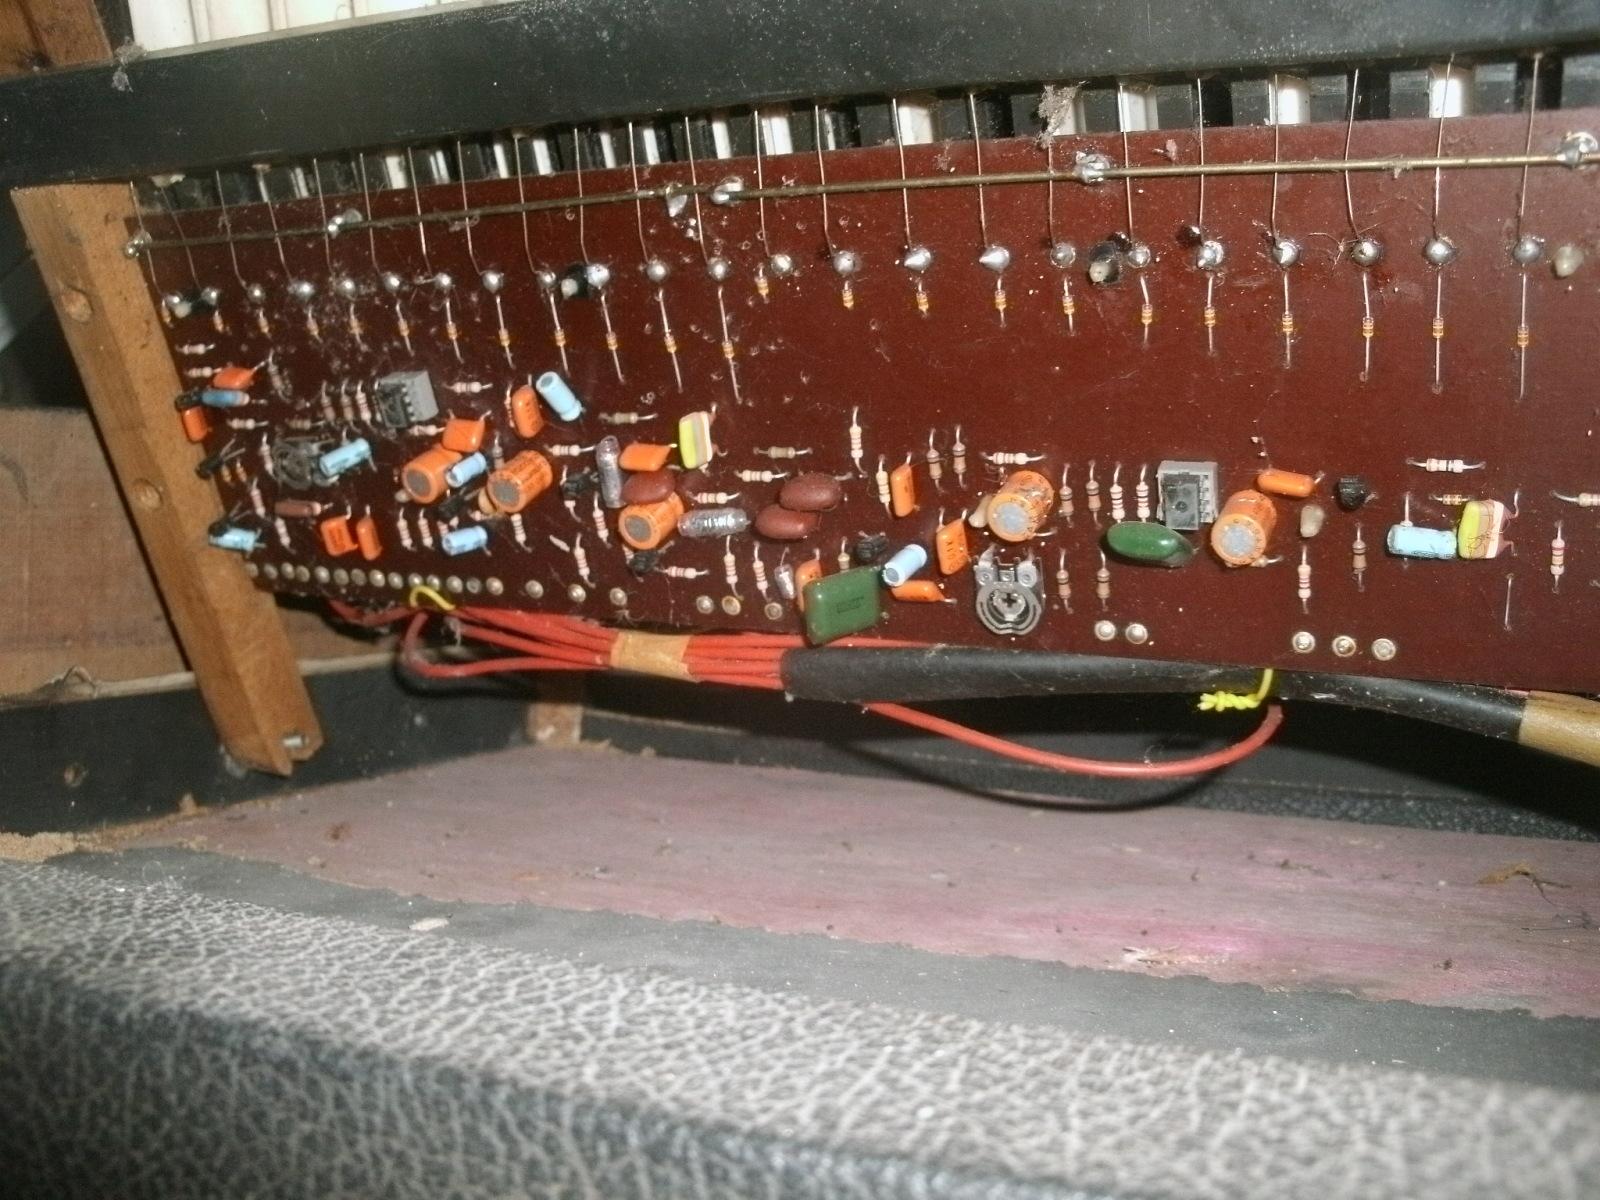 órgao eletronico com M208B1 2iav5ol